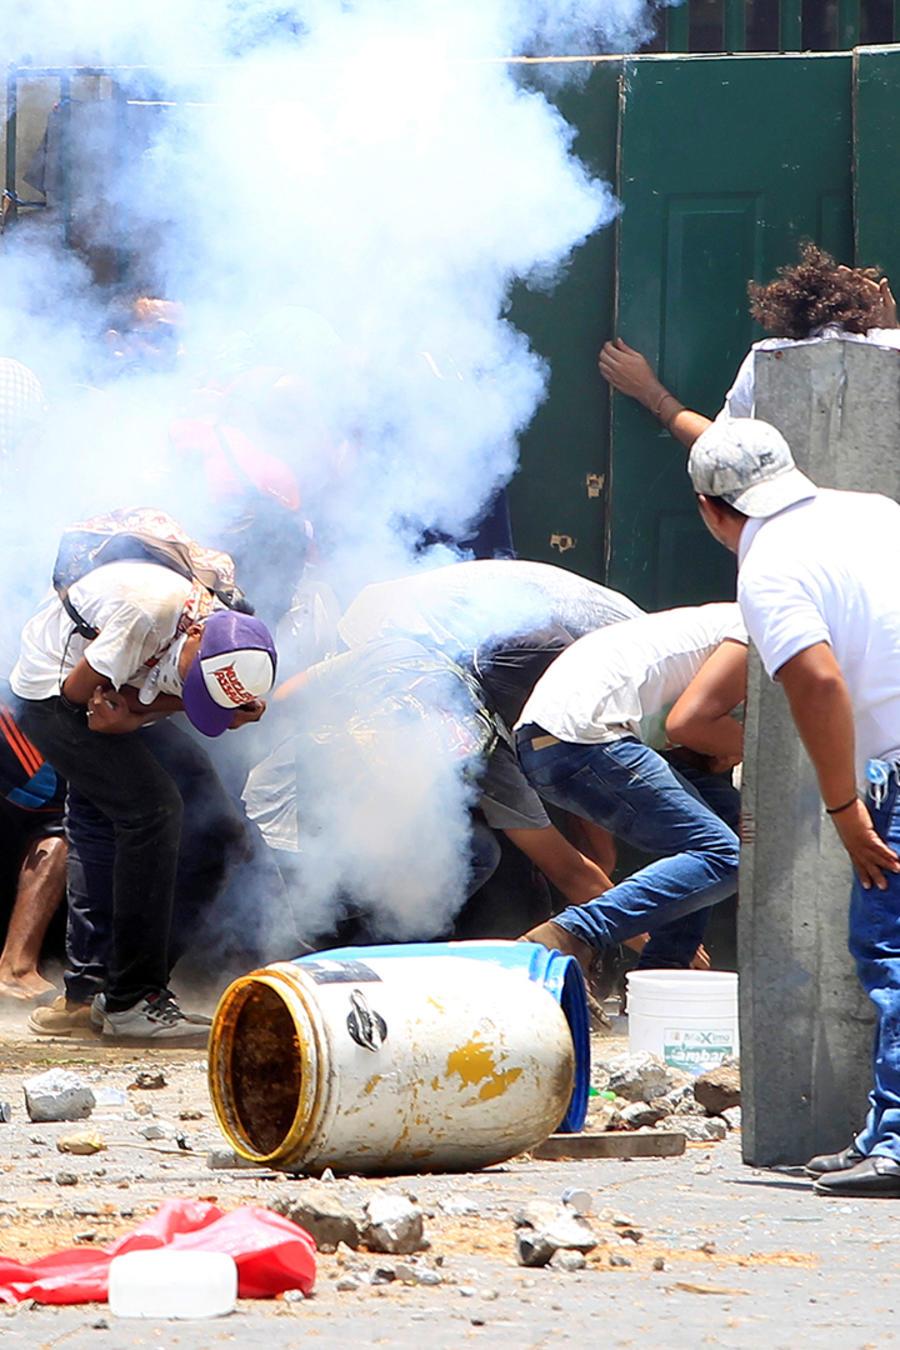 Estudiantes de la Universidad Agraria protestan en Managua el 19 de abril de 2018 contra las reformas a los planes de pension implementados por el Instituto del Seguro Social